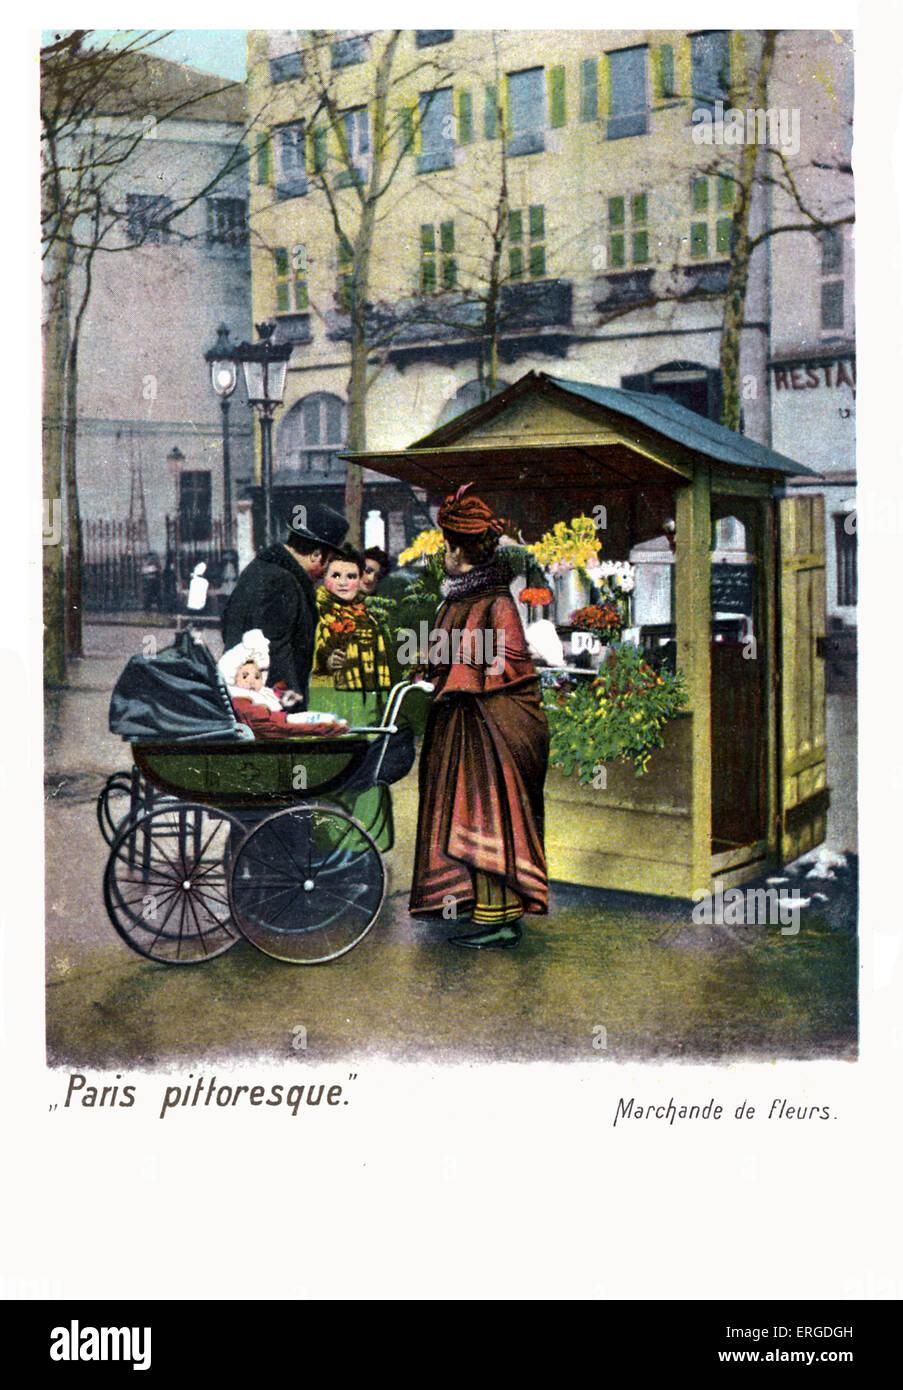 Woman Selling Flowers Marchande De Fleurs Paris C 1900 Stock